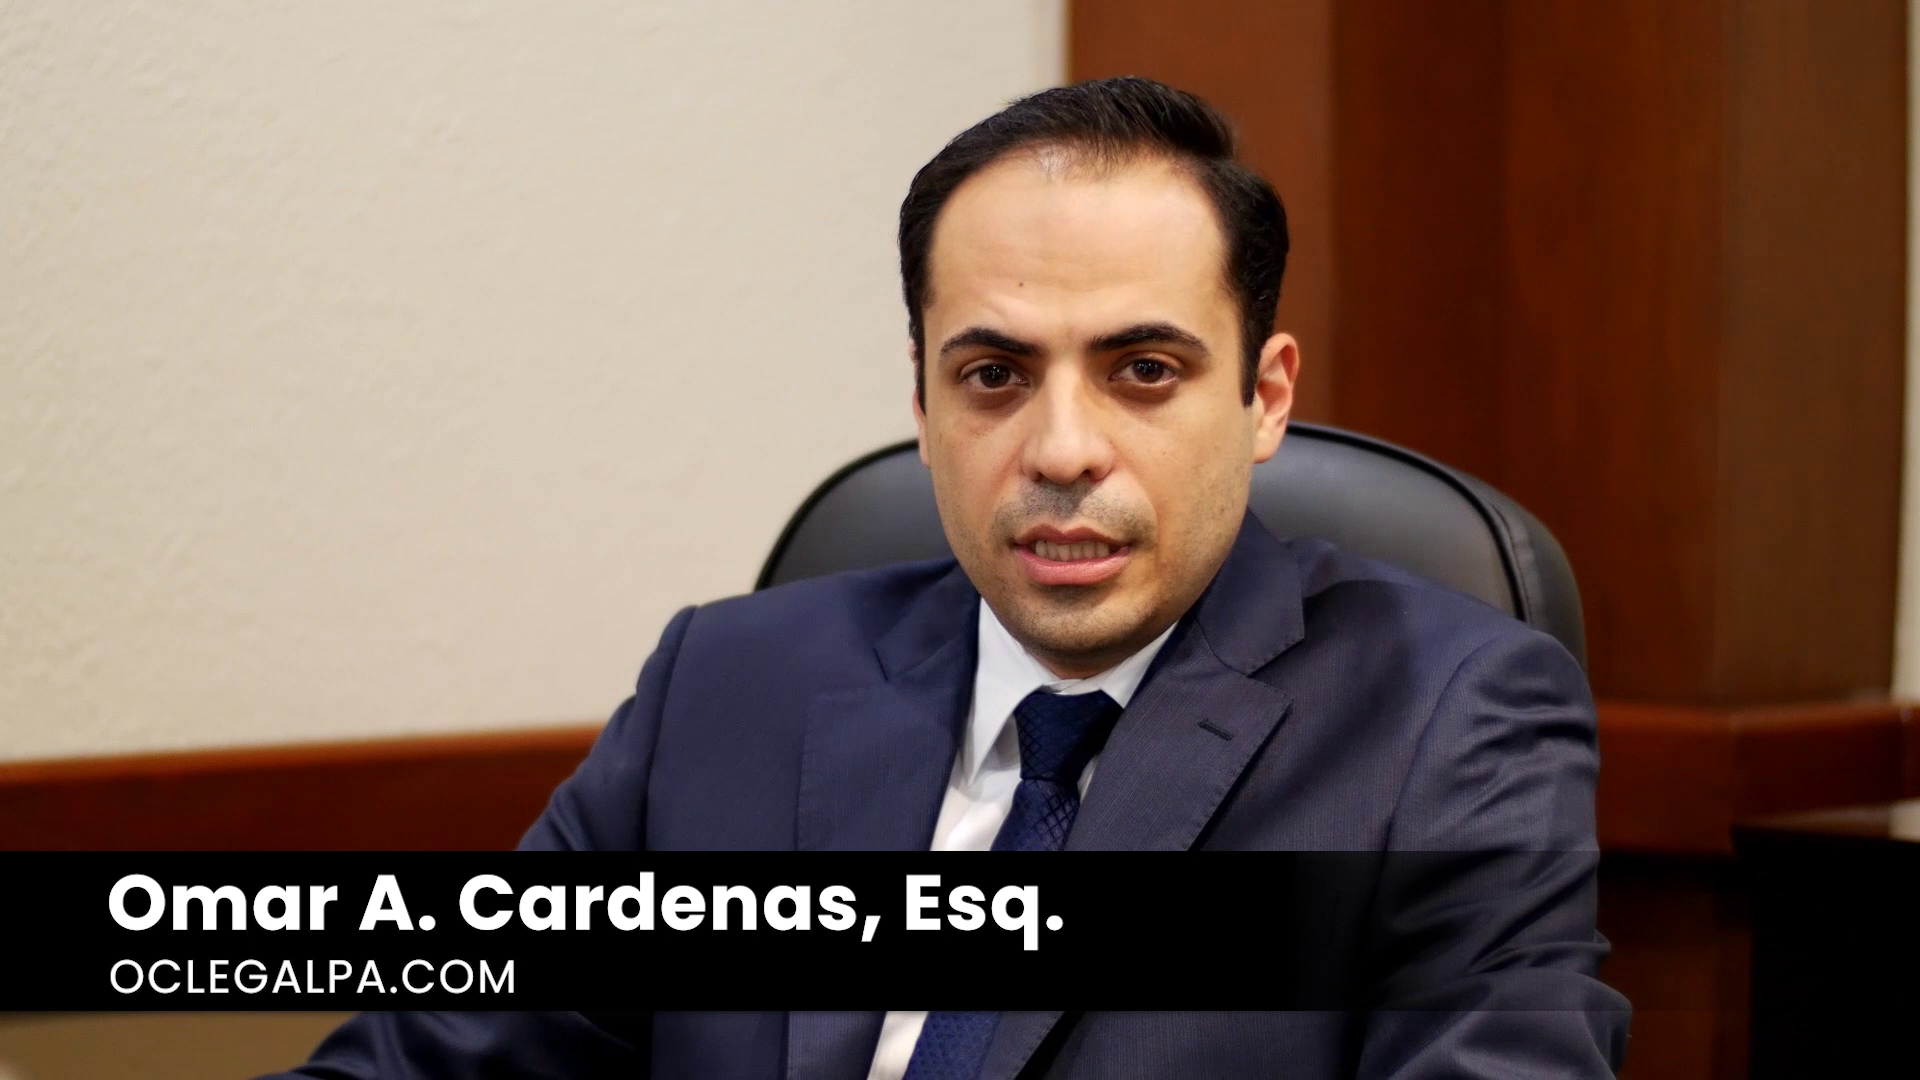 Conozca al abogado Omar Cardenas